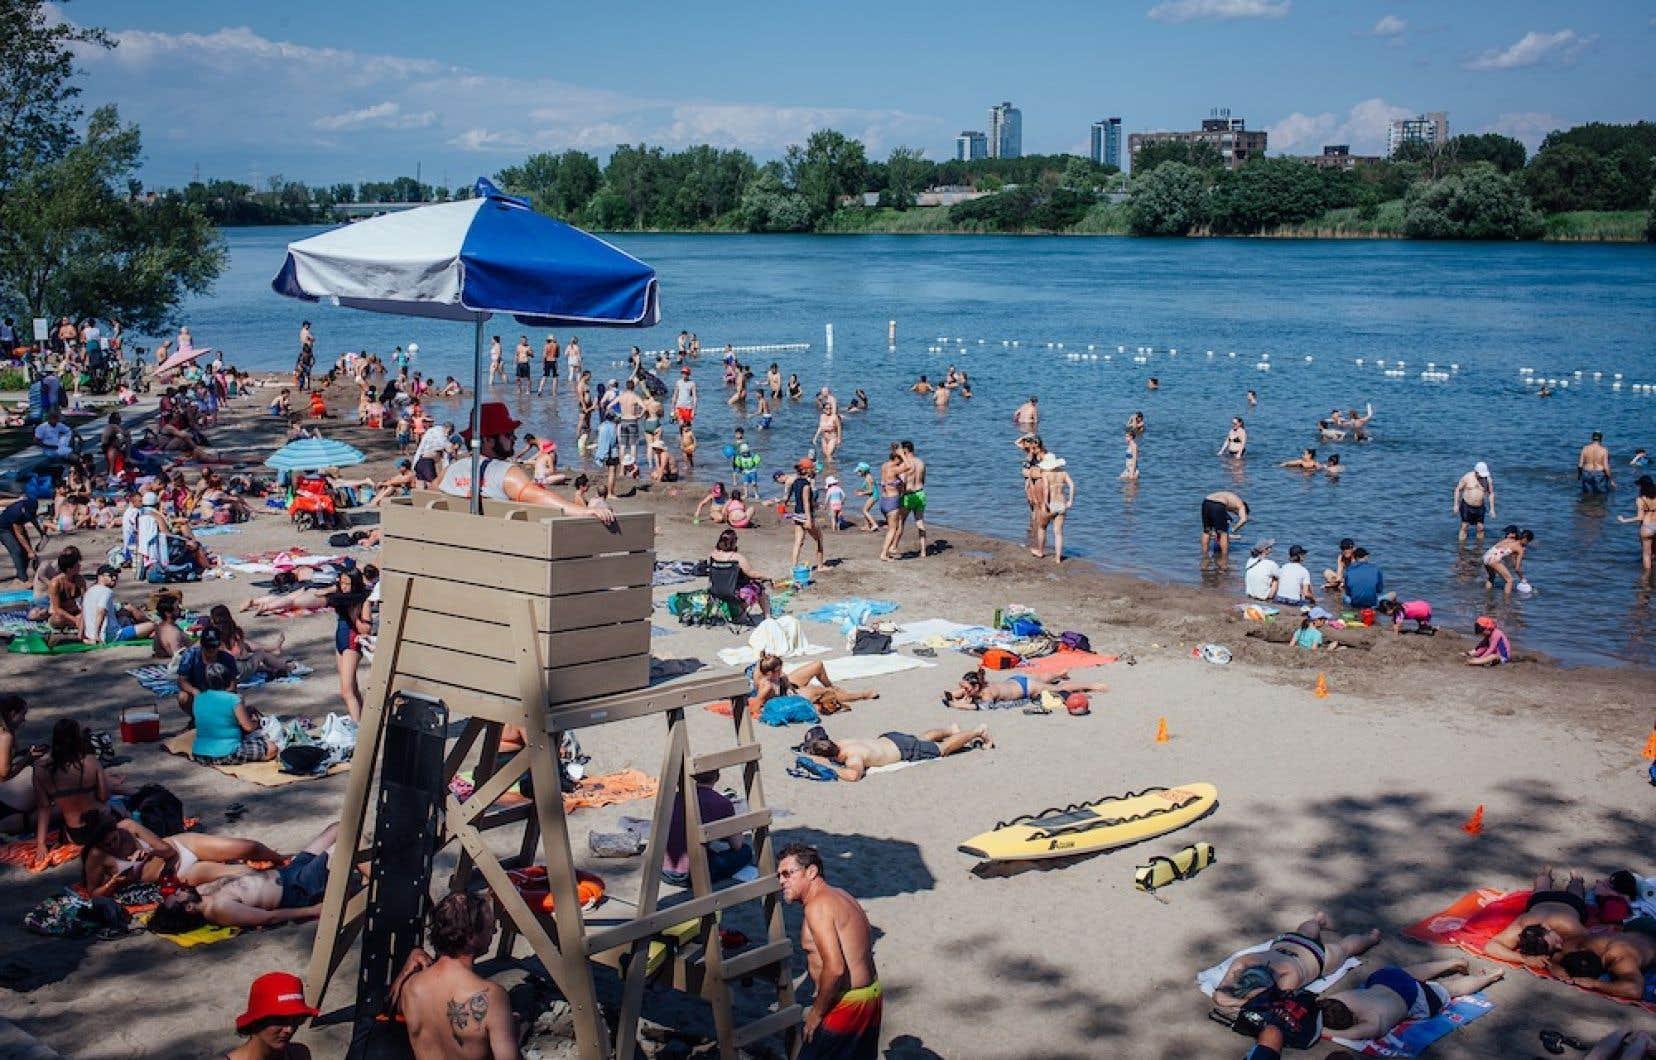 Des dizaines de Montréalais ont décidé d'écouler leur après-midi les deux pieds dans l'eau, dimanche, à la plage de Verdun.